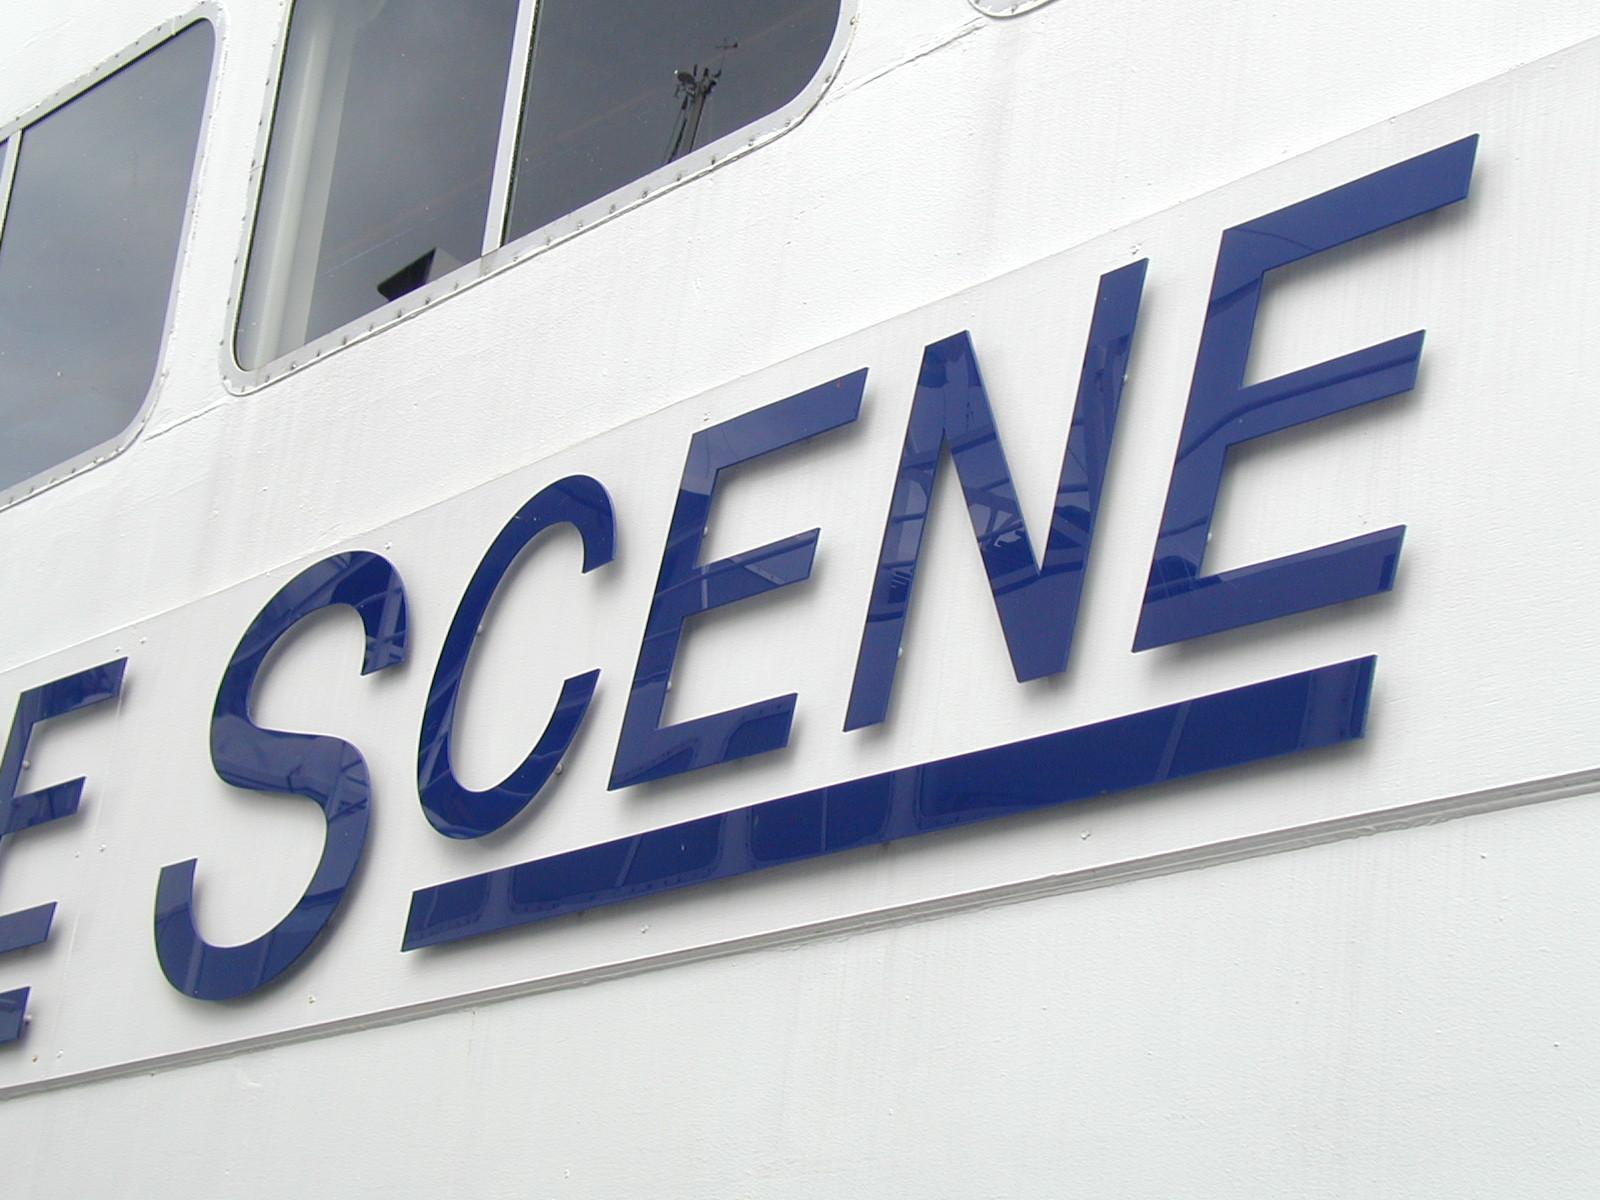 Signage on Boat